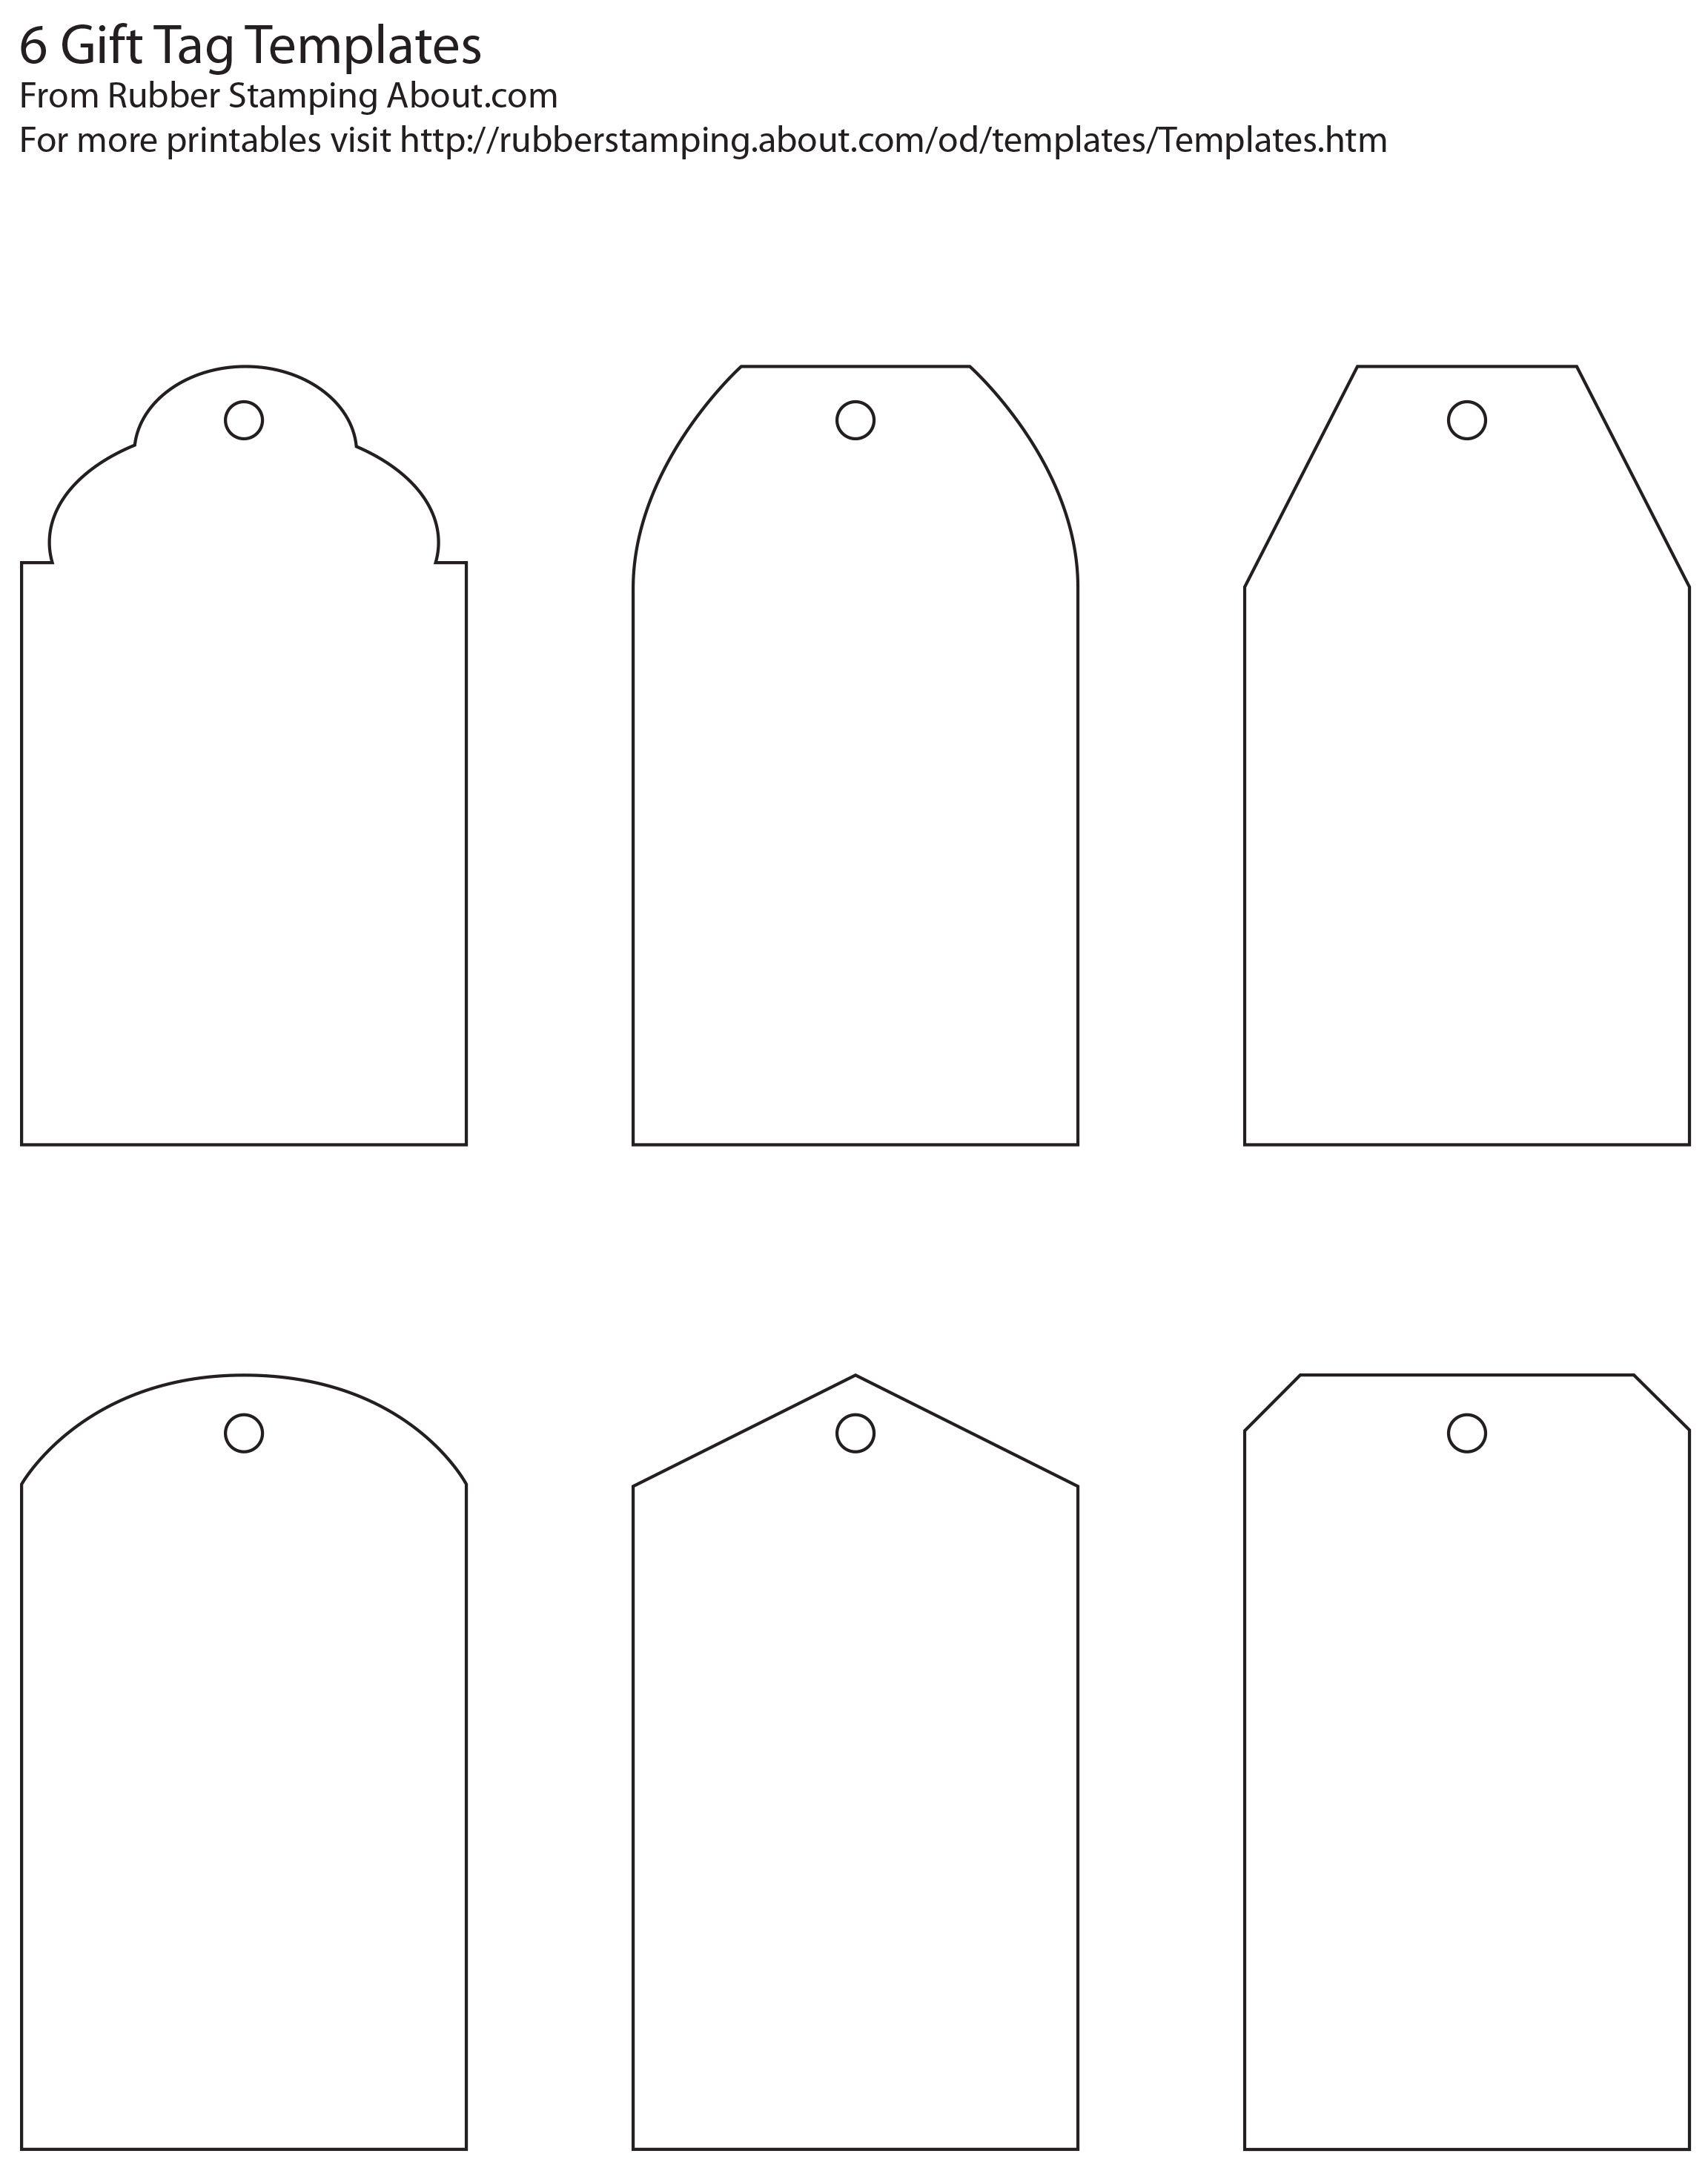 Free And Whimsical Printable Gift Tag Templates | Great Idea - Free Printable Gift Tags Templates